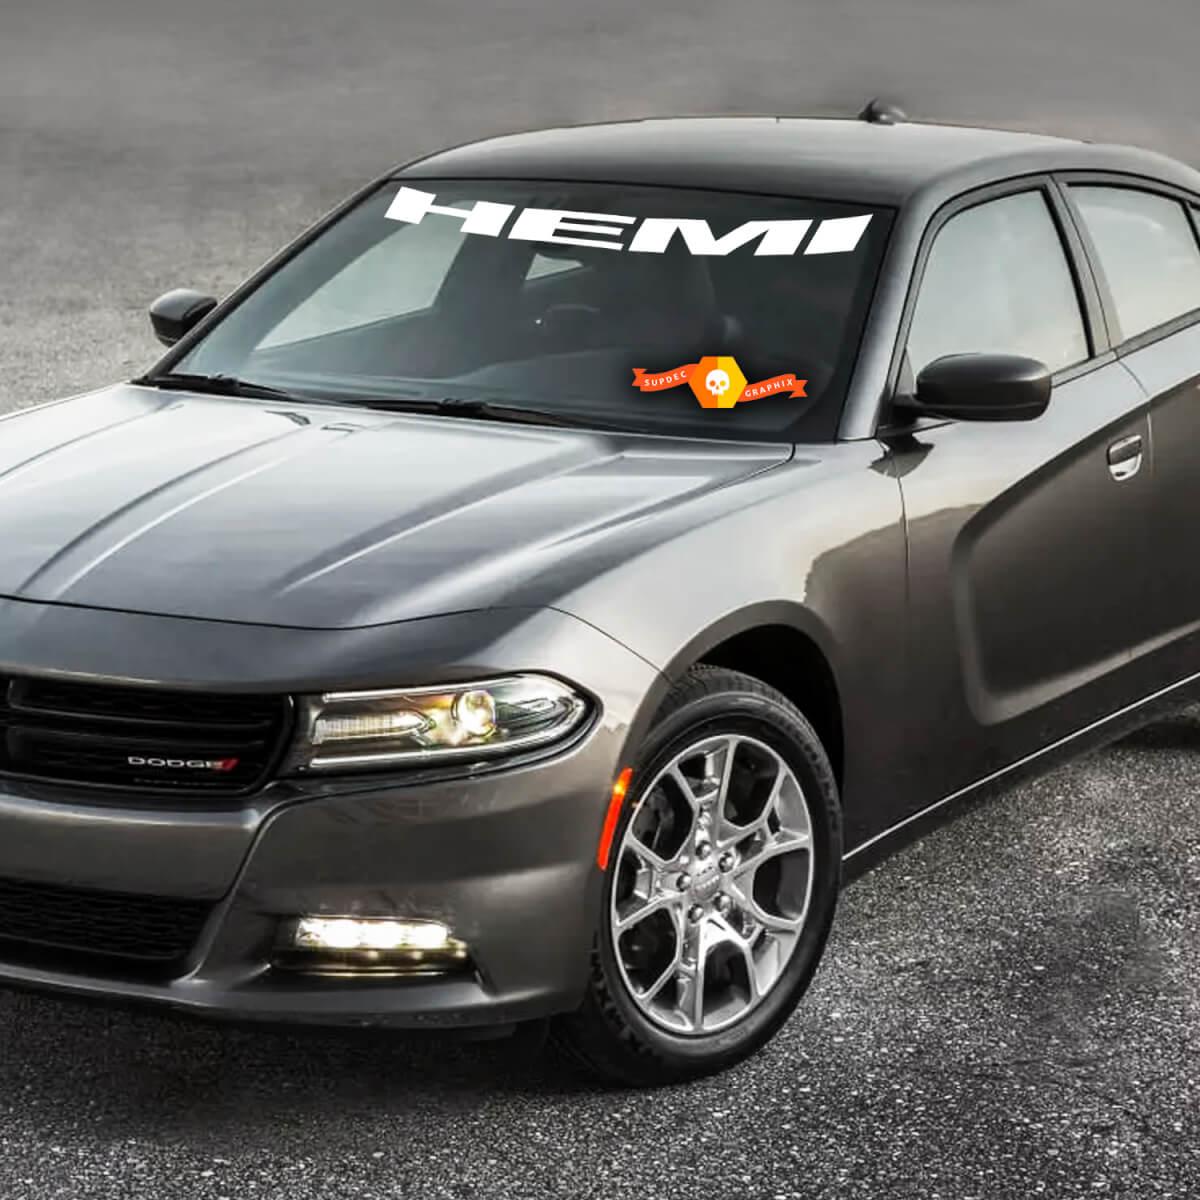 Dodge Charger HEMI Windshield Decal Aufkleber Grafiken passt zu den Modellen 11-16